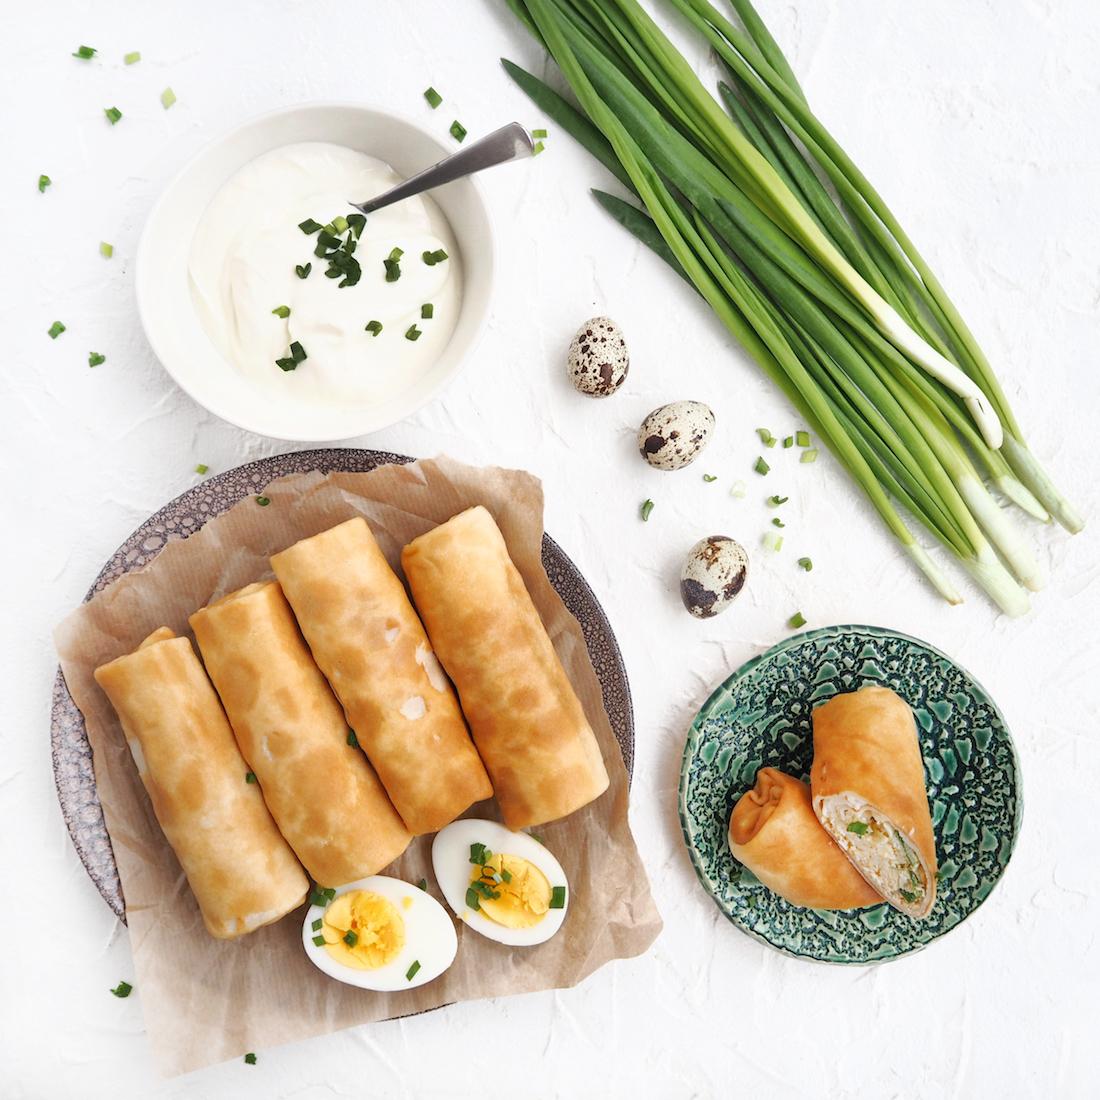 Замороженные блинчики с луком и яйцом (5 шт., 450 г)